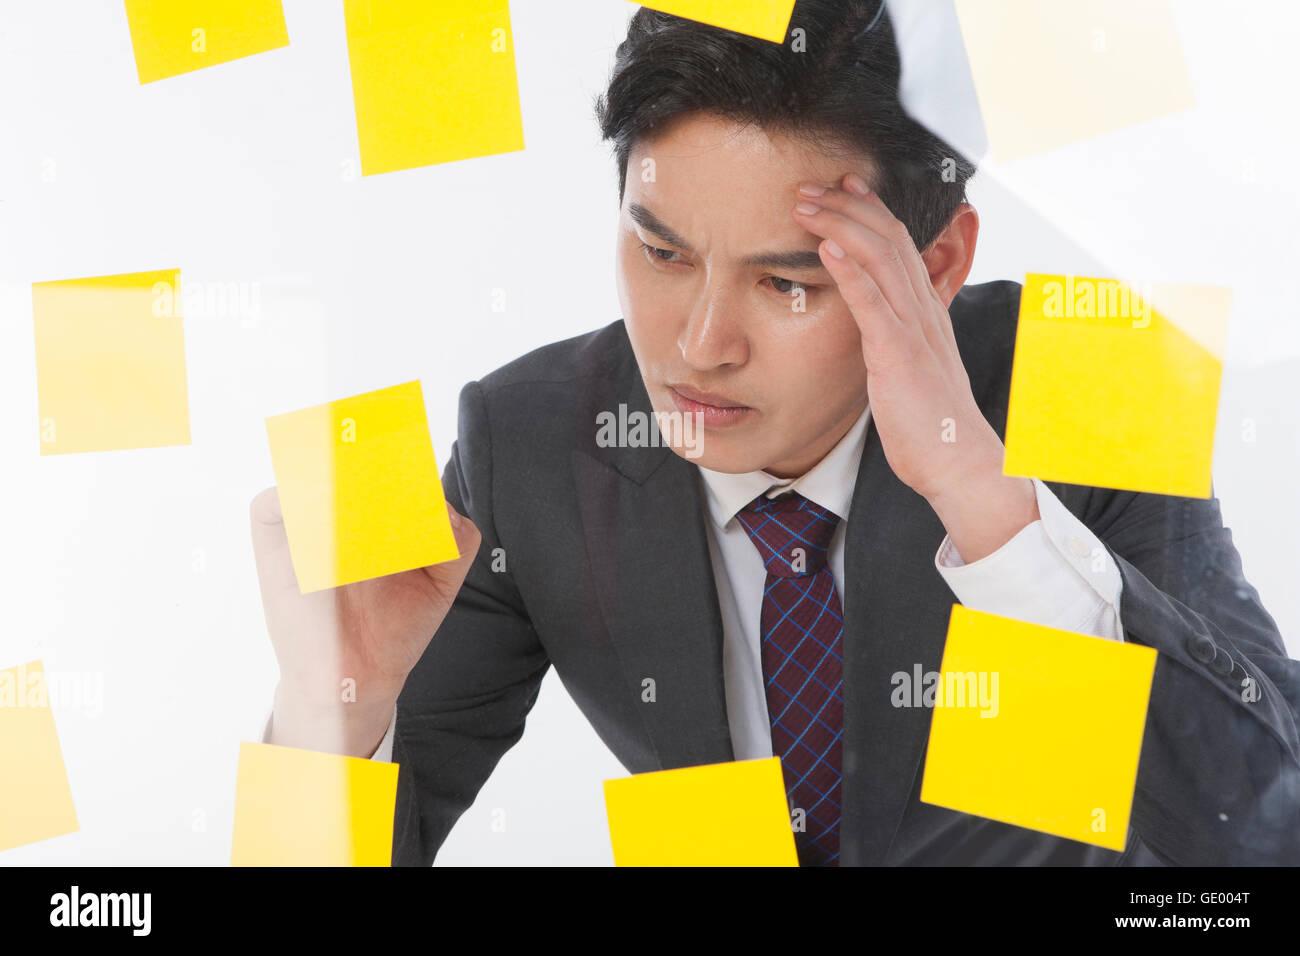 Retrato del hombre de negocios estresantes, con un montón de post-it Imagen De Stock